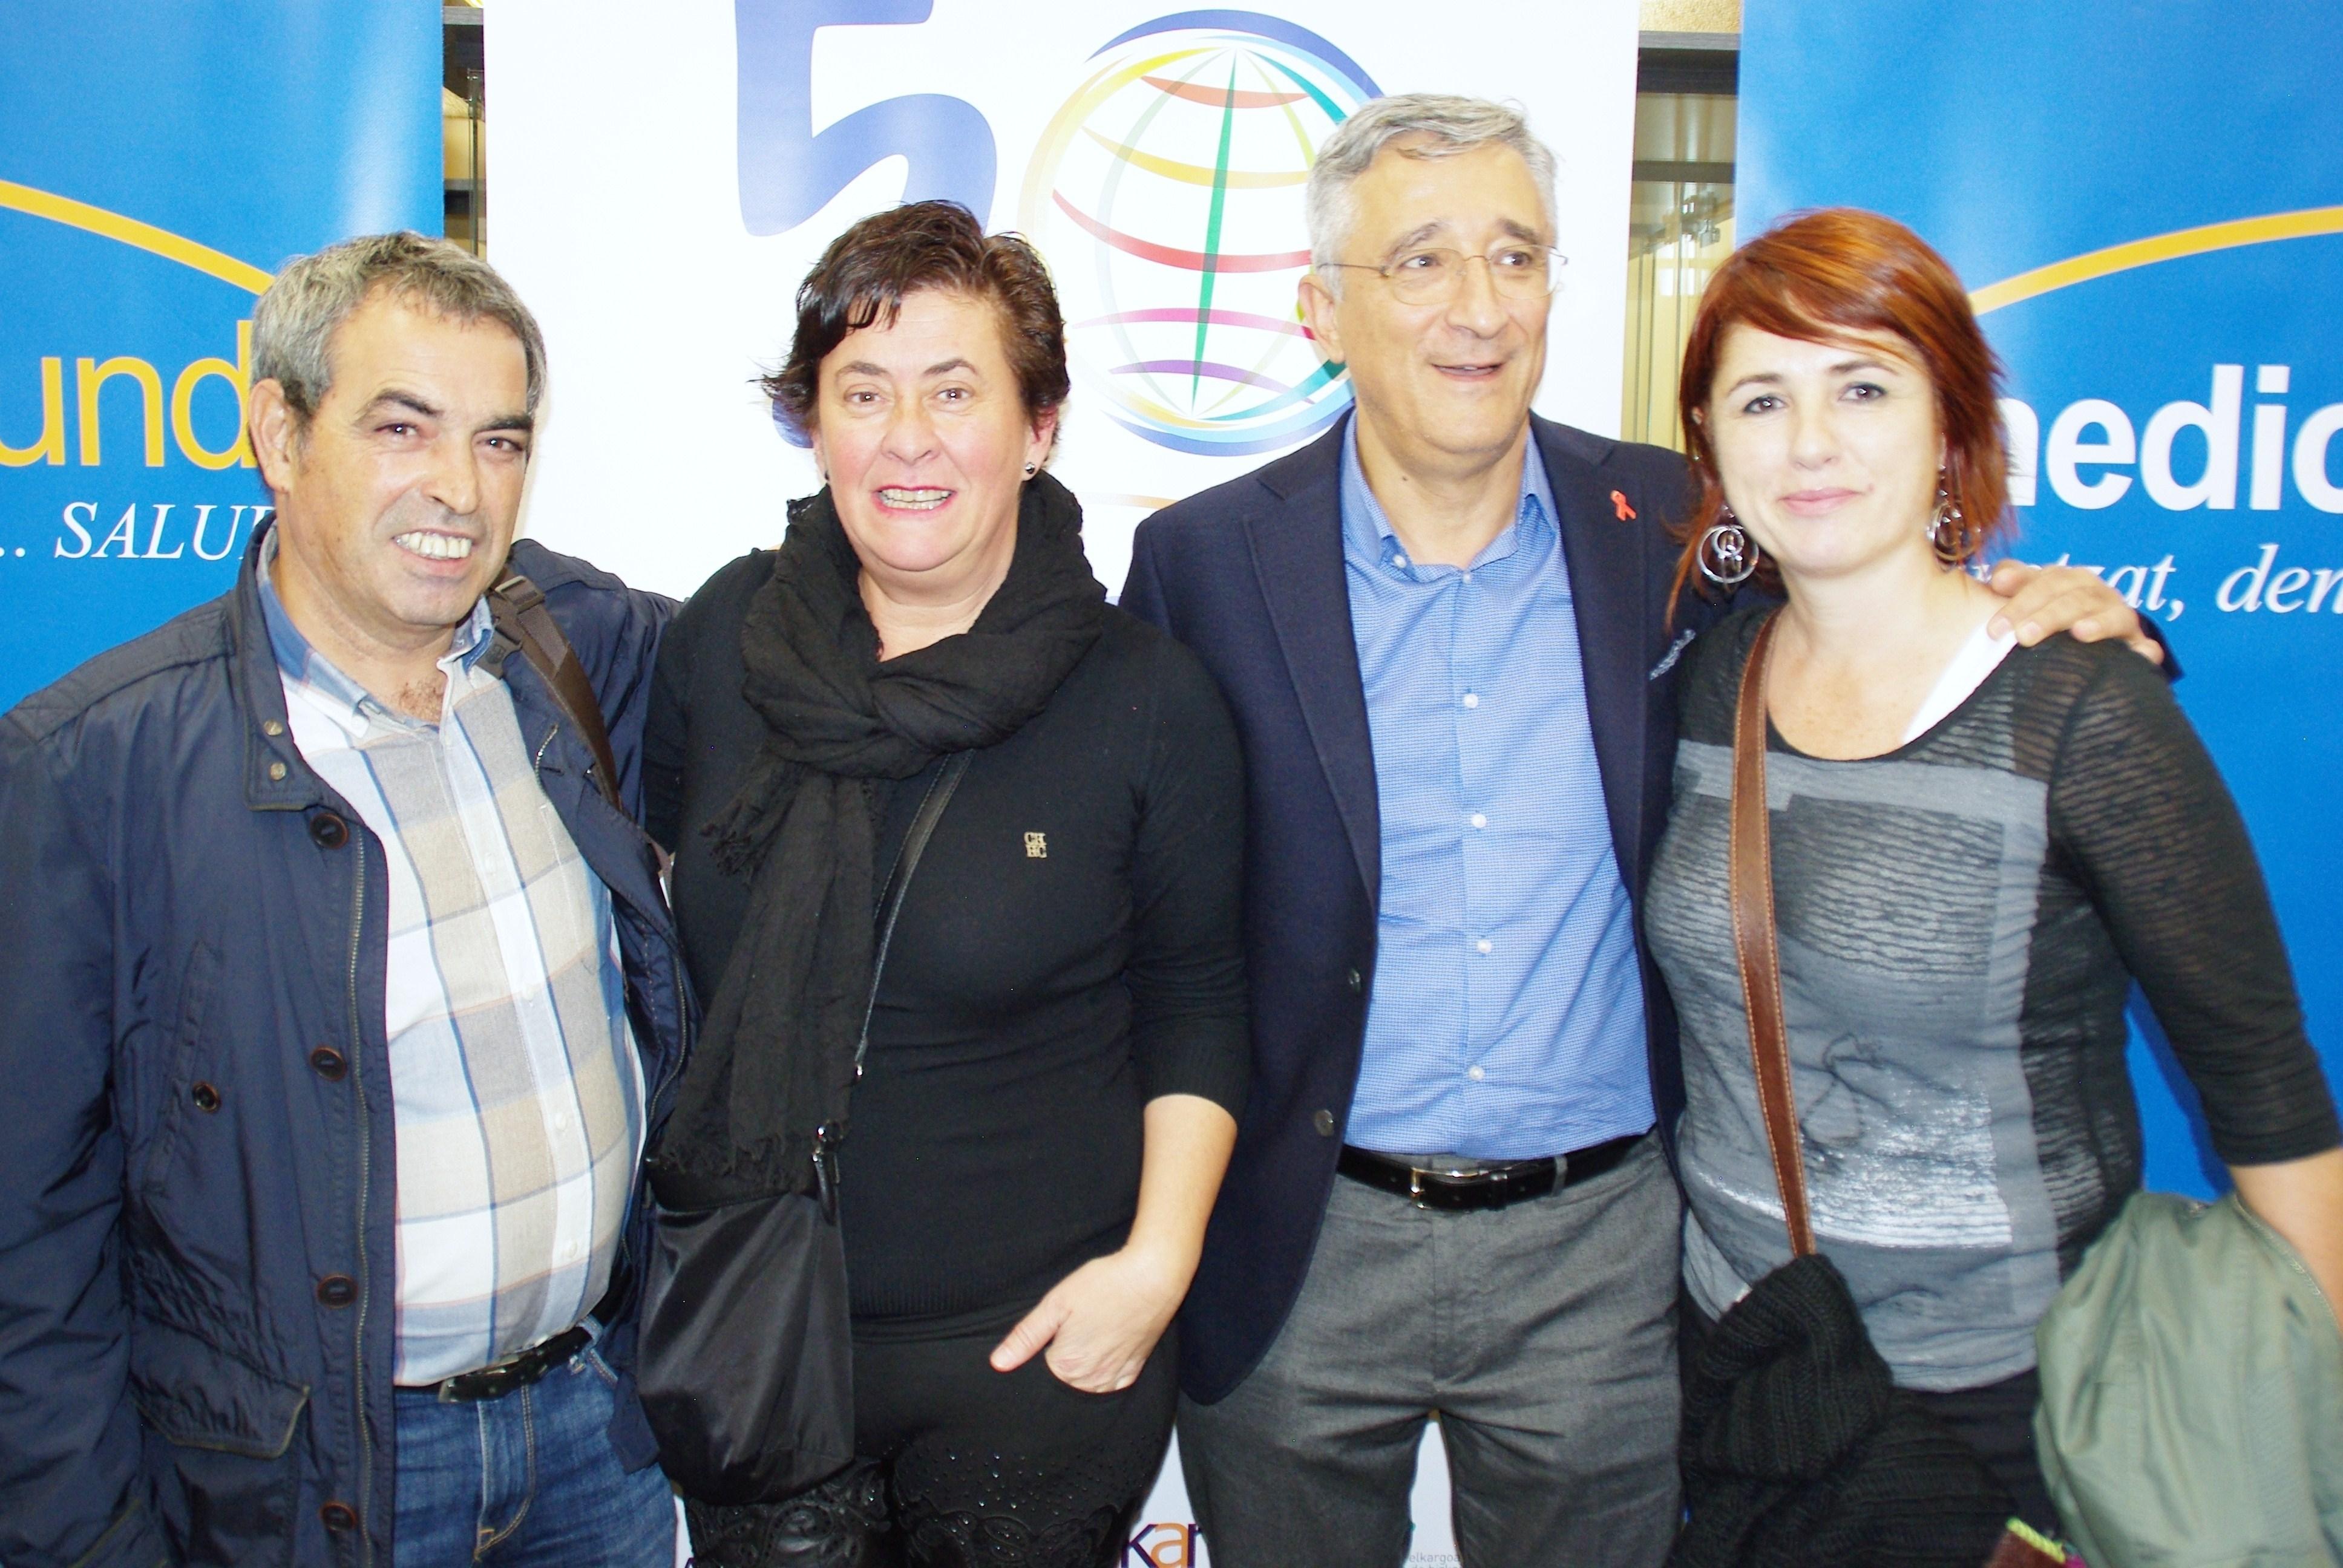 Félix Fuentenebro, Nerea Zabala, Eduardo García Langarica, Itziar Inza